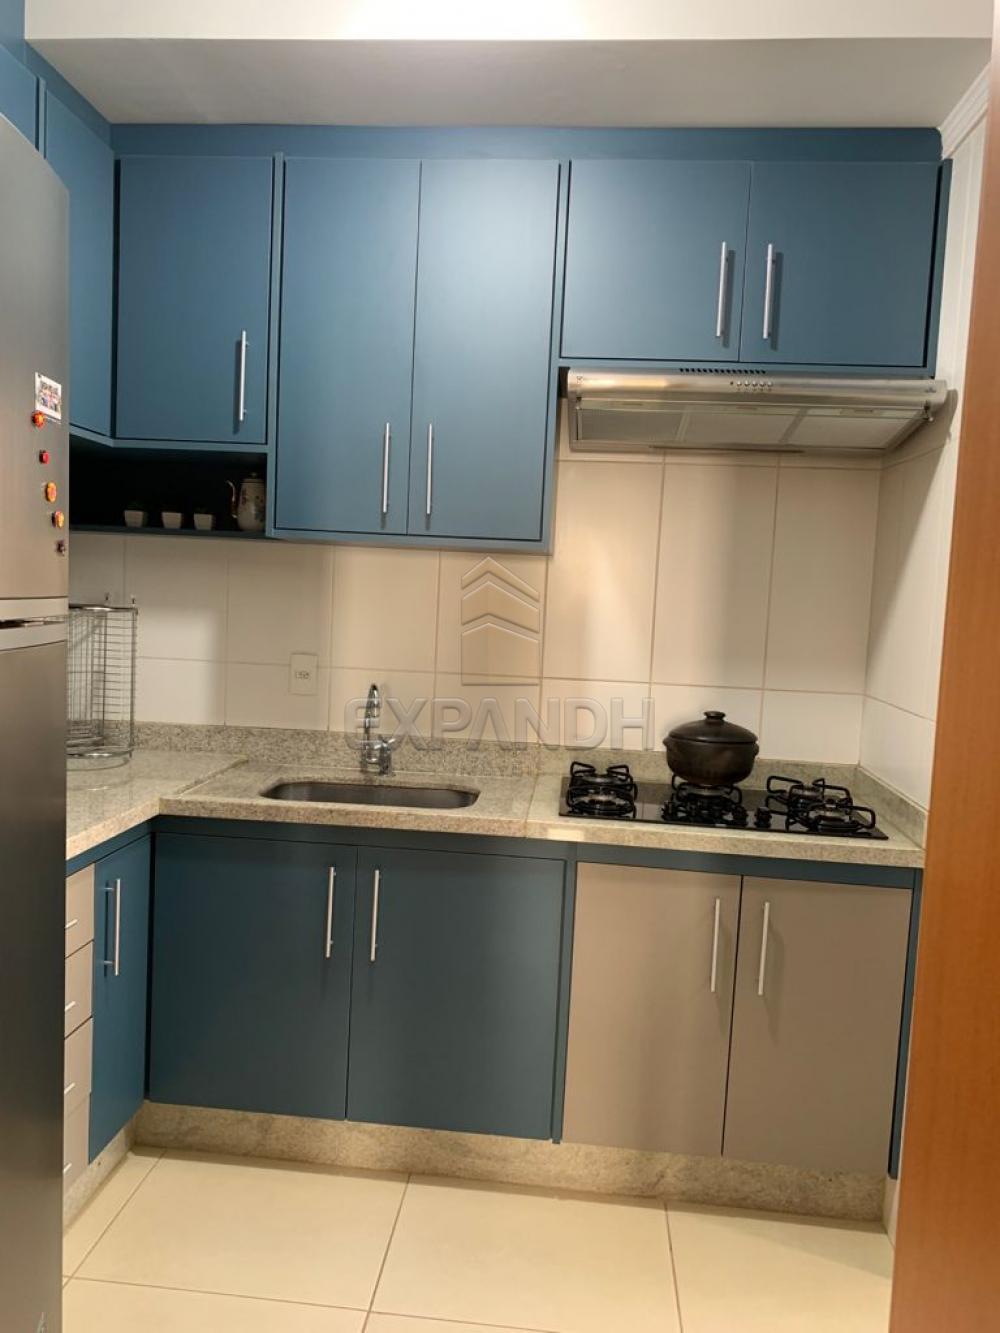 Comprar Apartamentos / Padrão em Sertãozinho R$ 450.000,00 - Foto 19